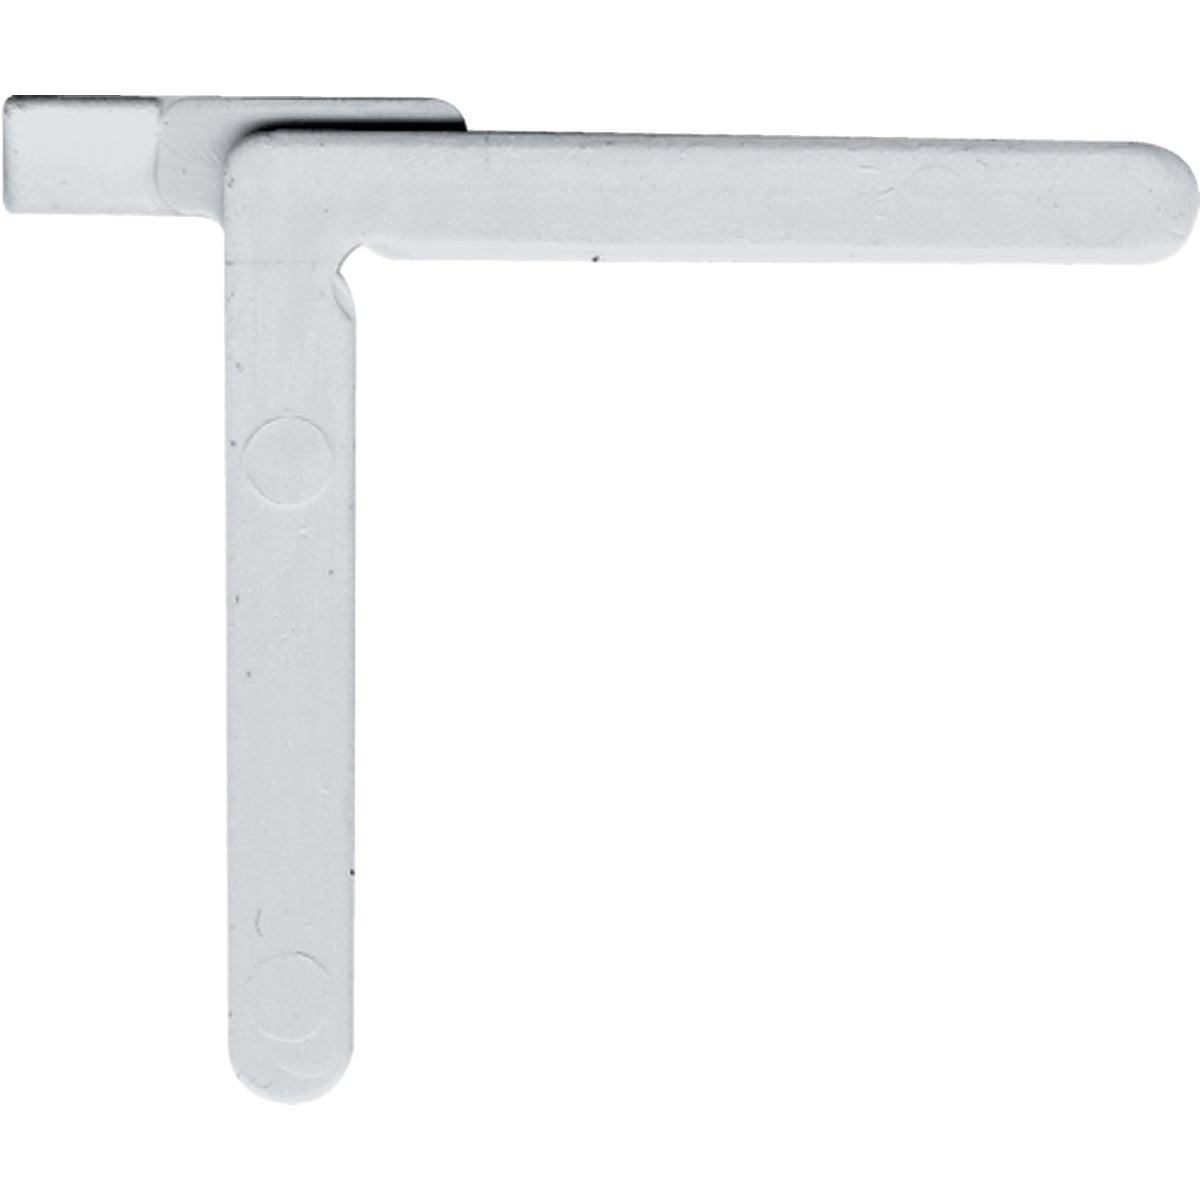 3/16X3/16 Nylon Tilt Key